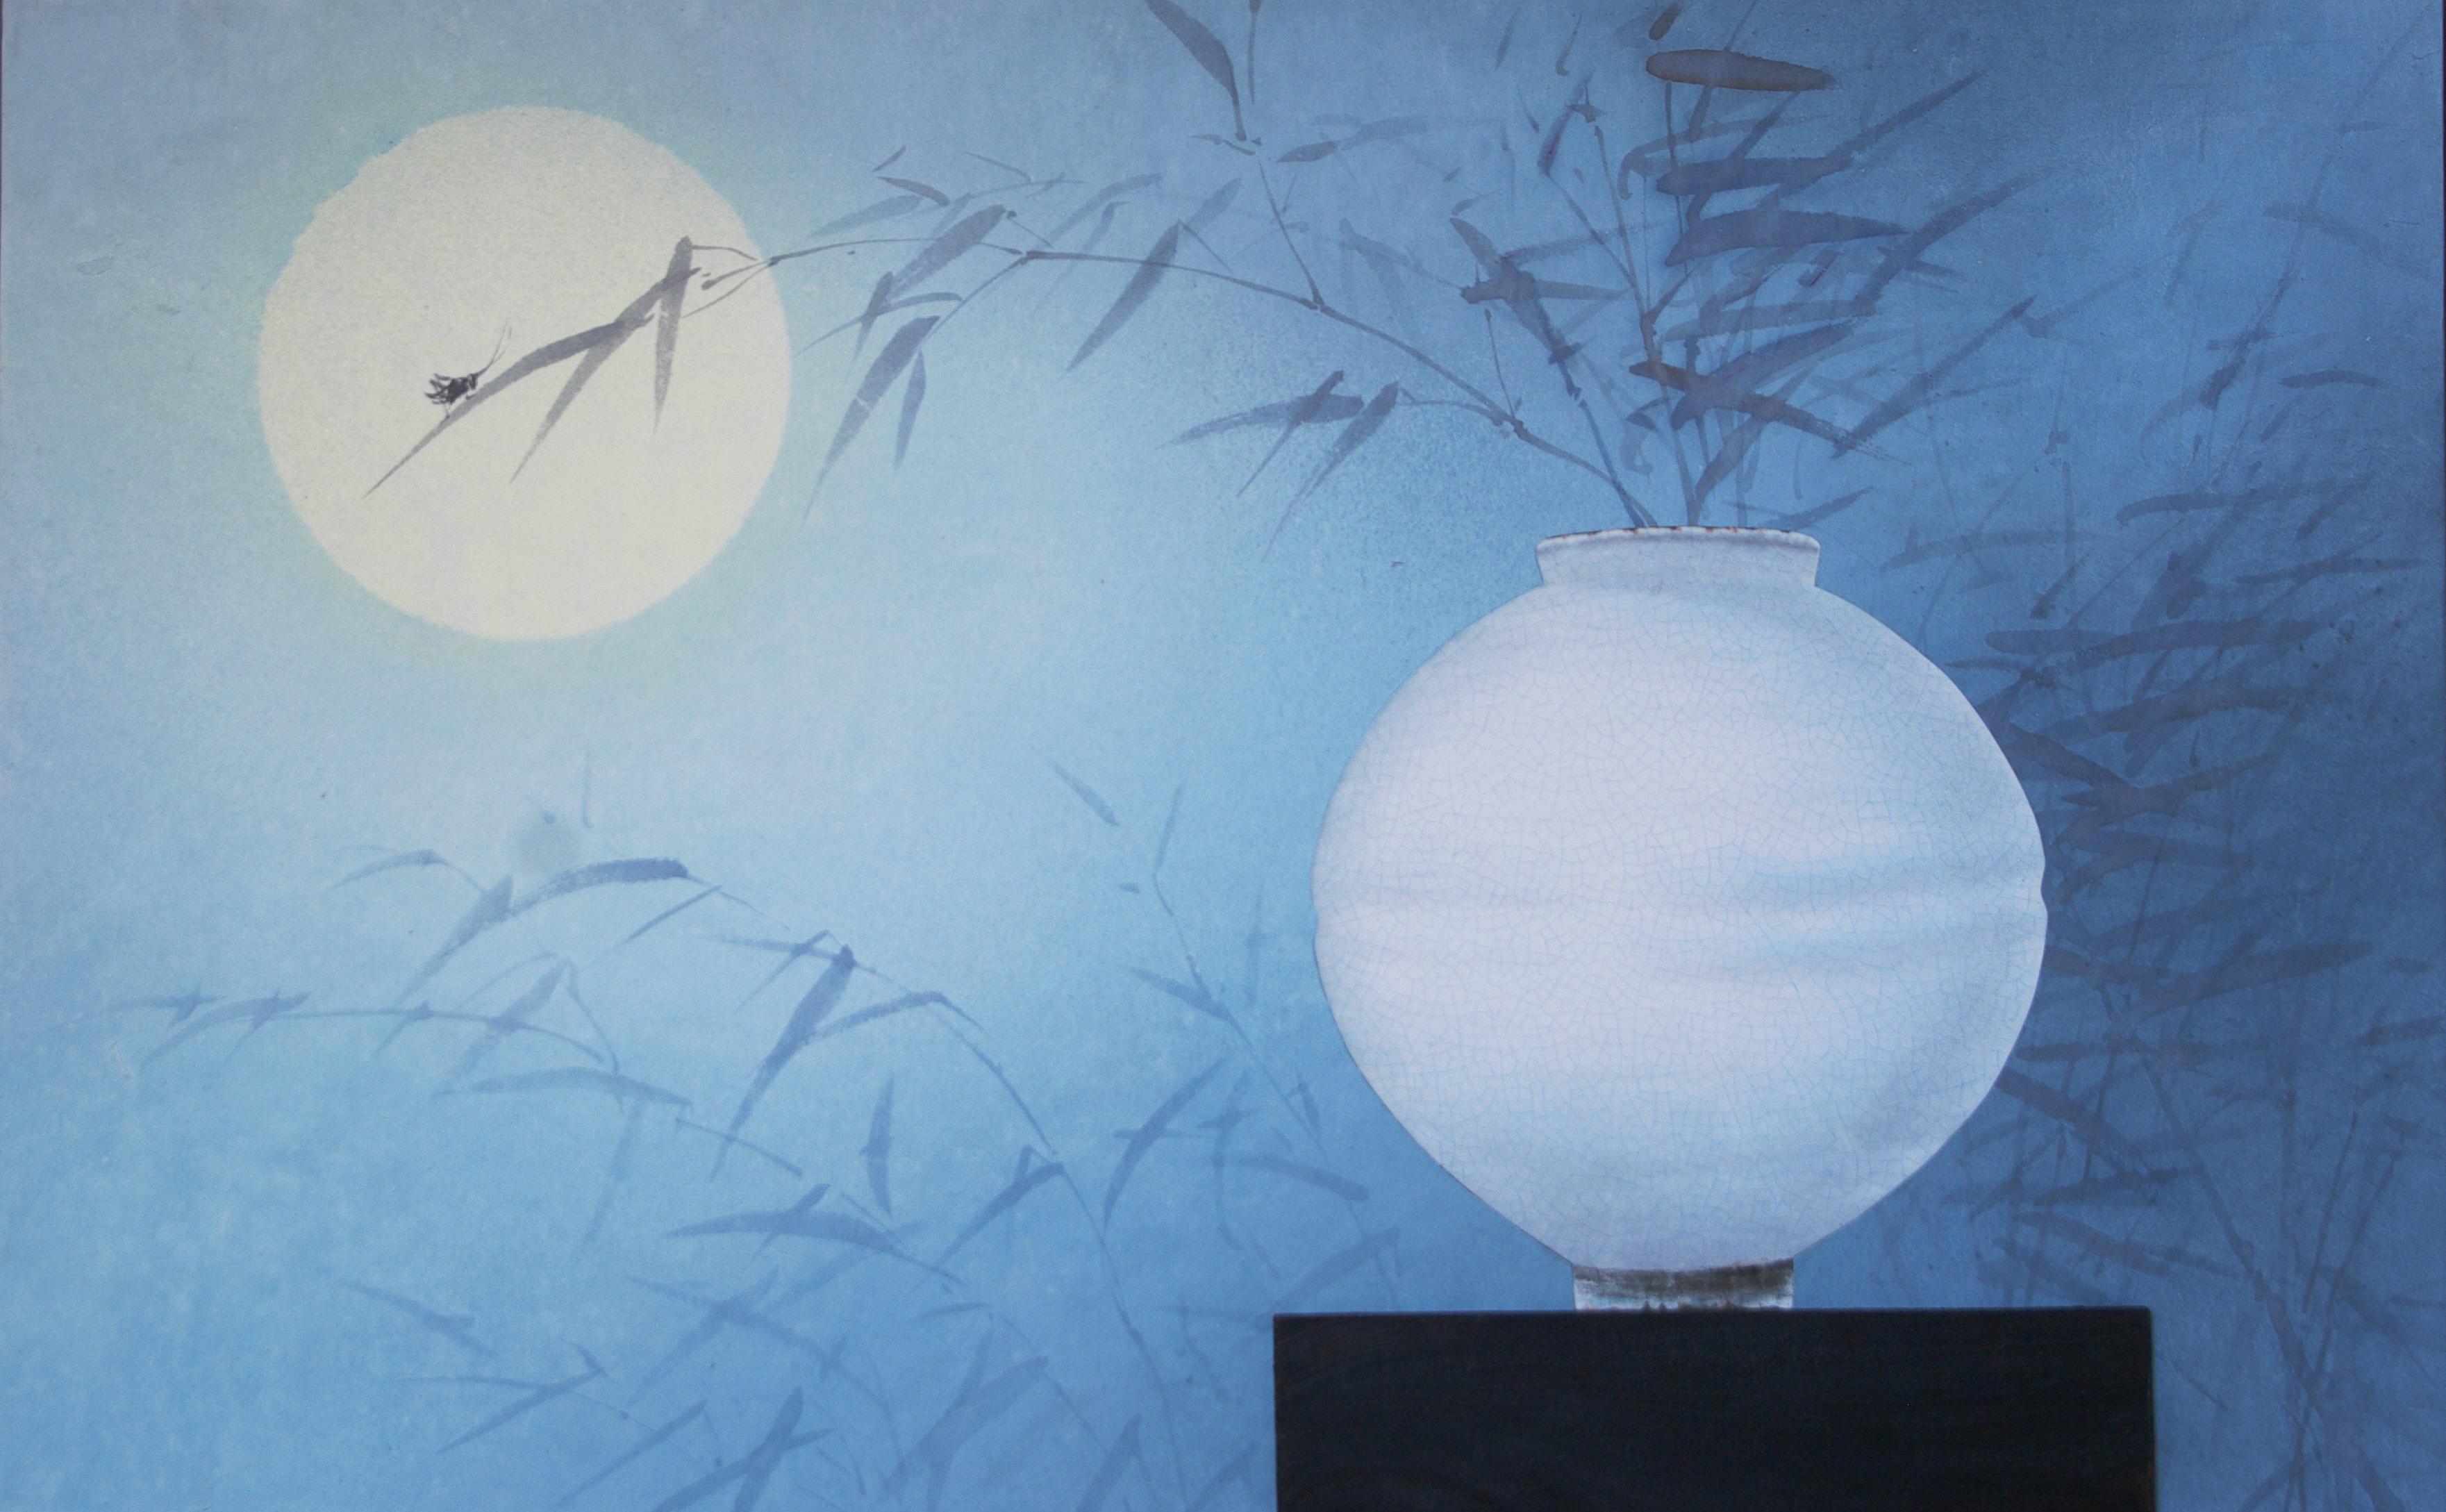 018, 비움과 채움(복을담다), 99 x 62 cm, 한지에 혼합재료,